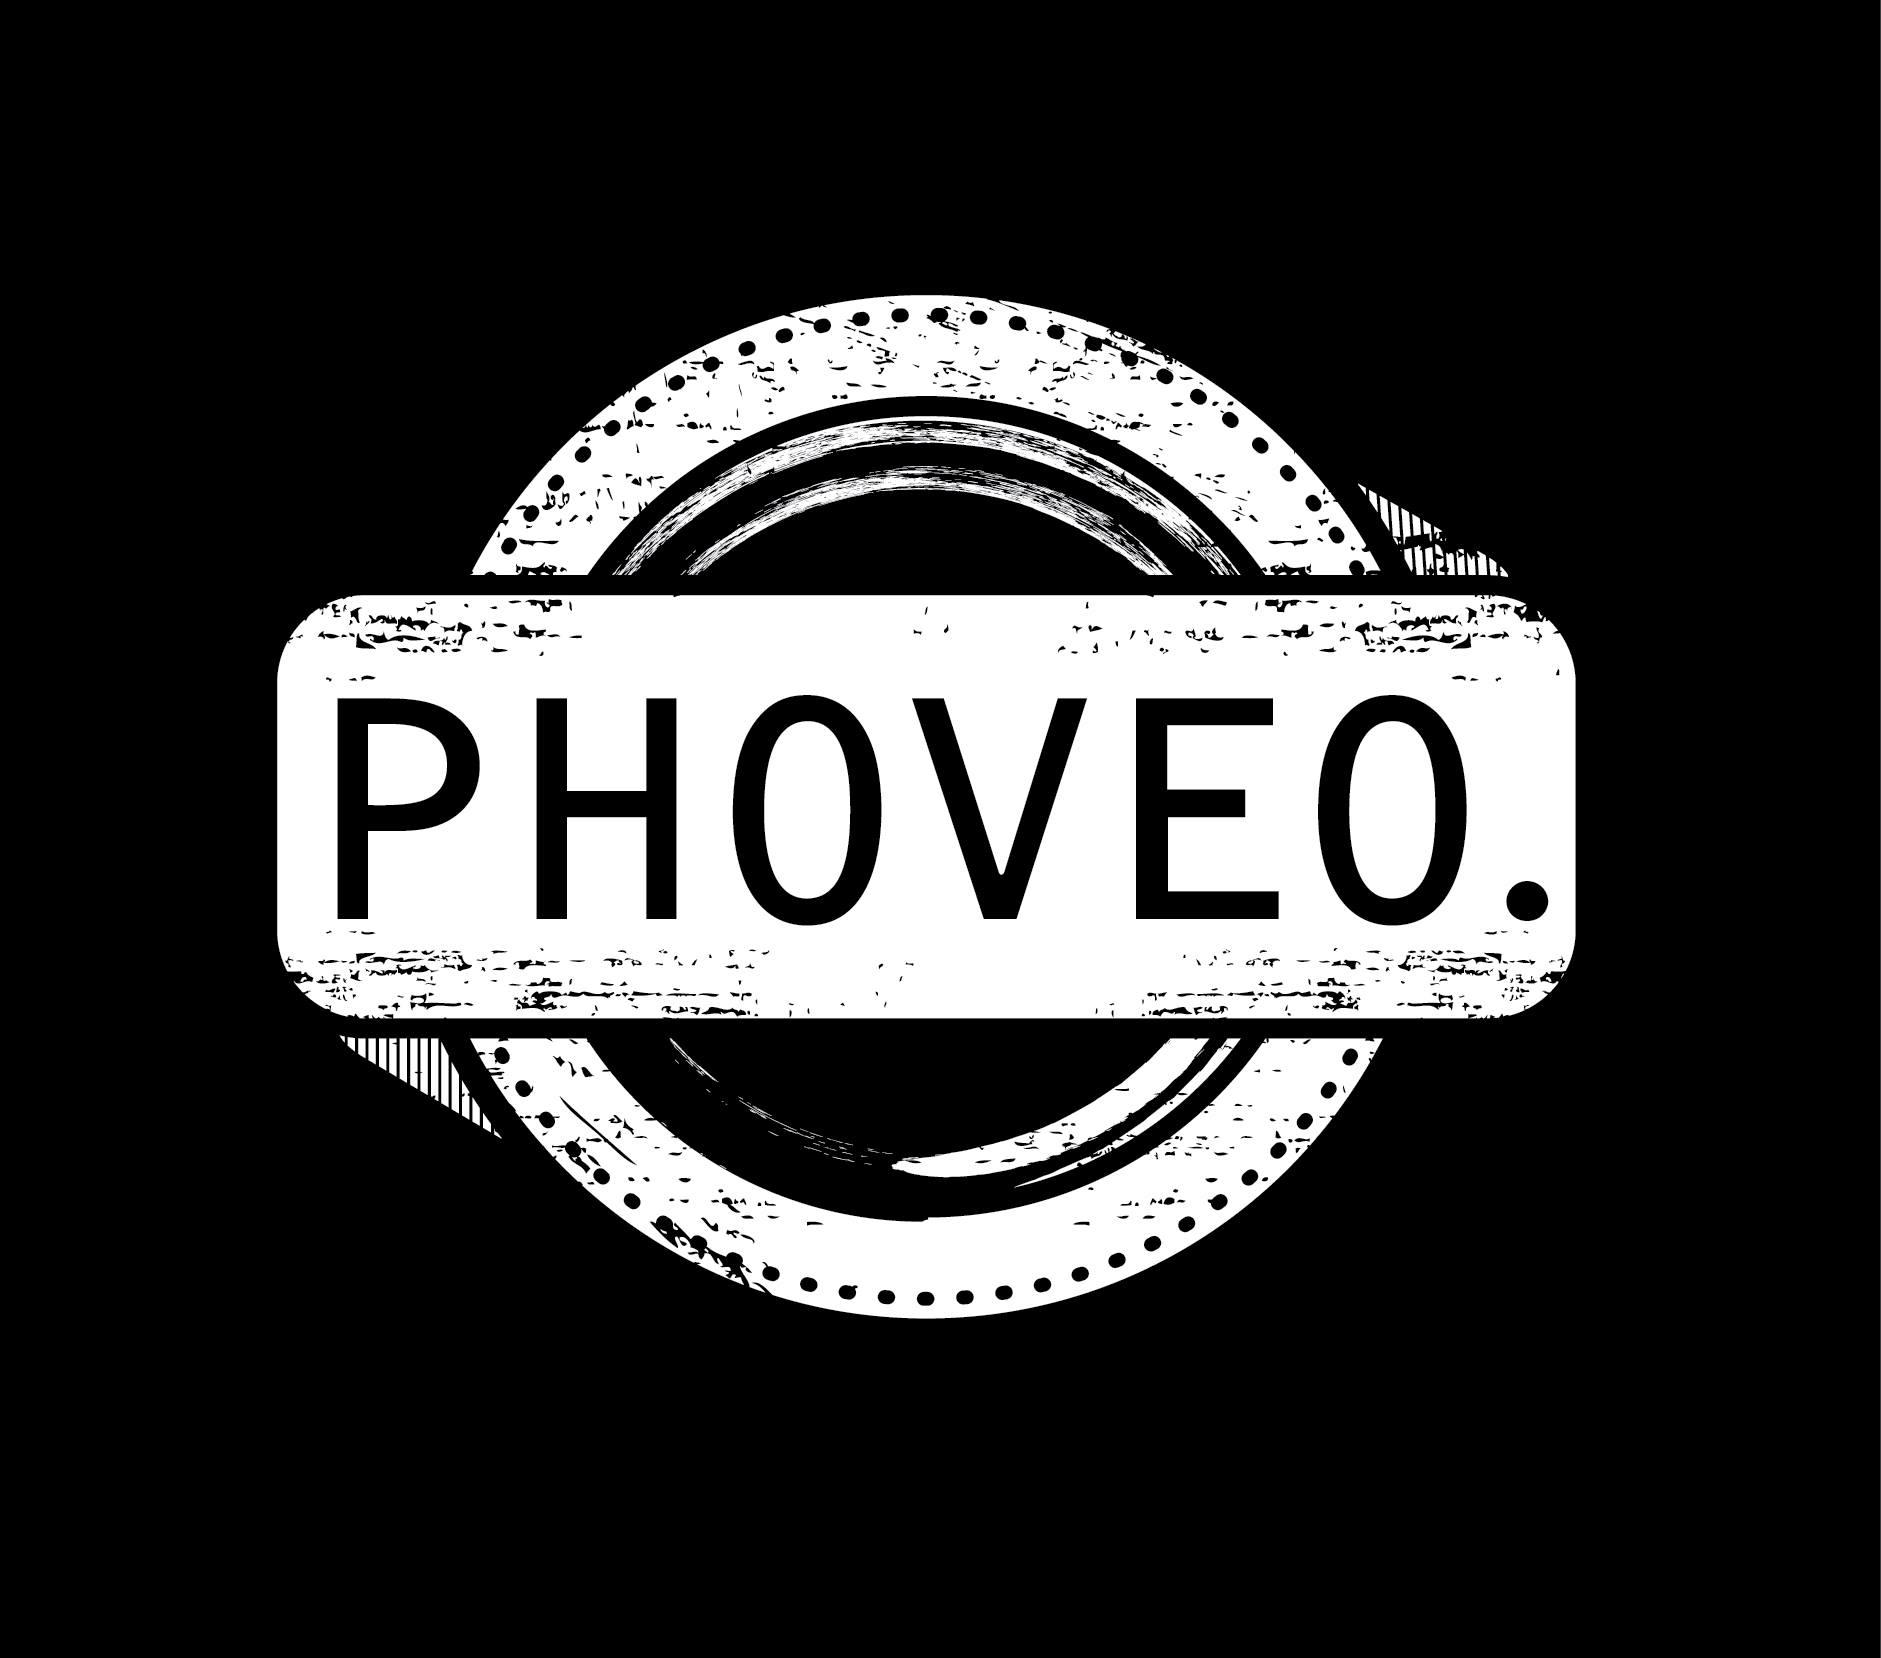 phoveo.jpg